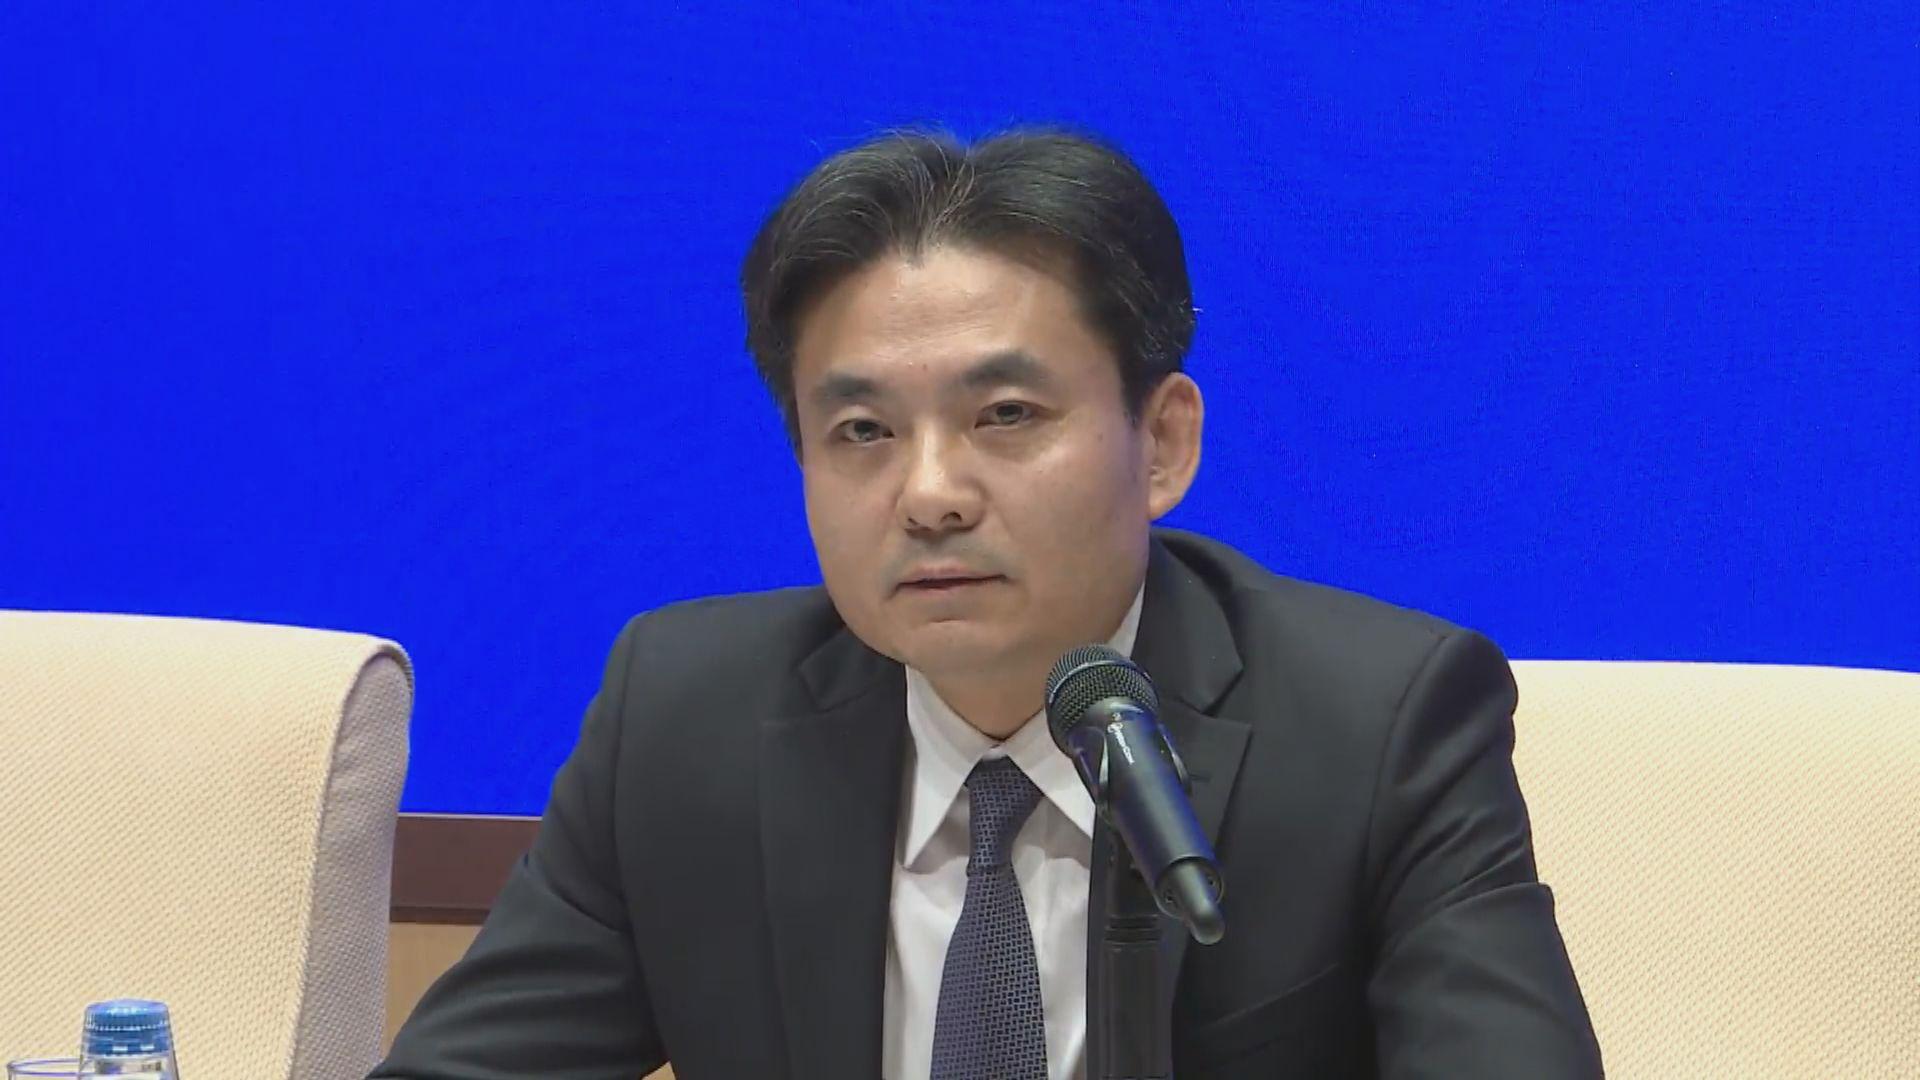 港澳辦:支持林鄭繼續施政及警方果斷執法